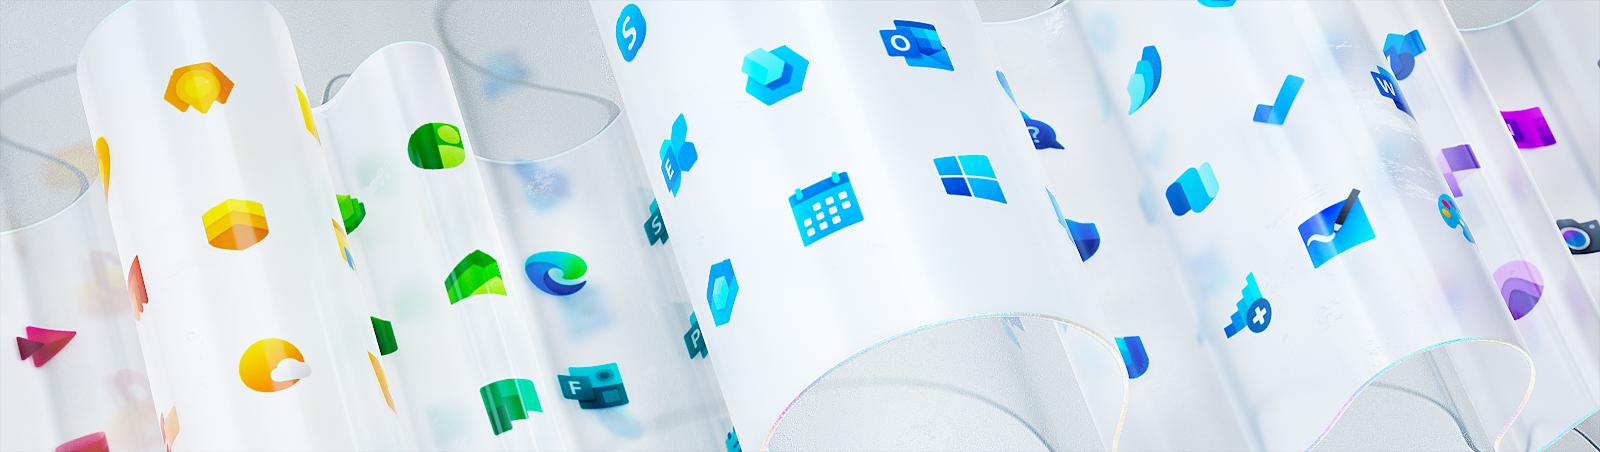 Tutte le nuove icone in distribuzione Windows 10 versione 1909